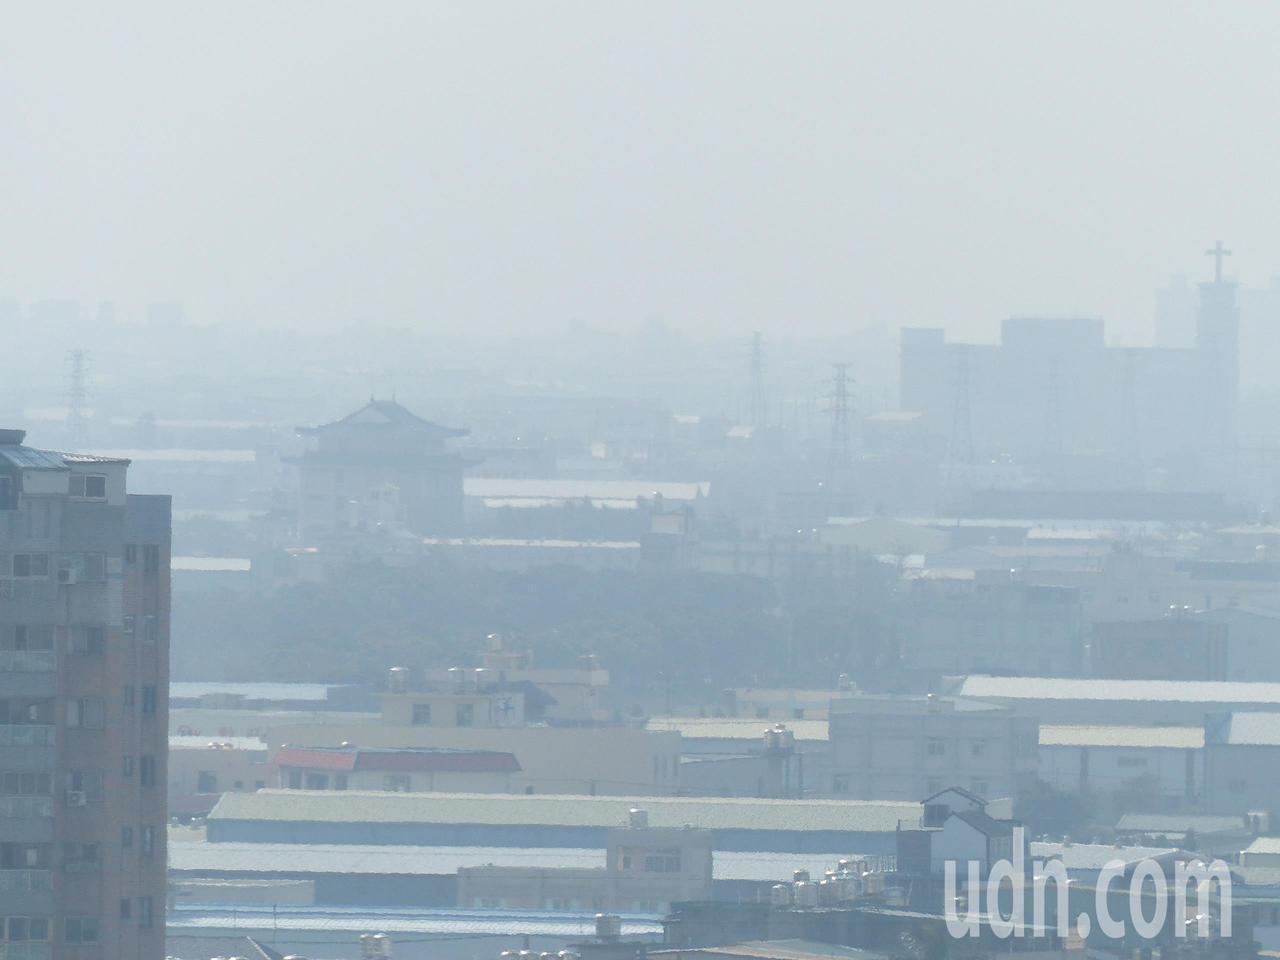 大氣穩定的副作用是中南部清晨易有局部霧,並且不利本島汙染物擴散,西半部空氣品質今...